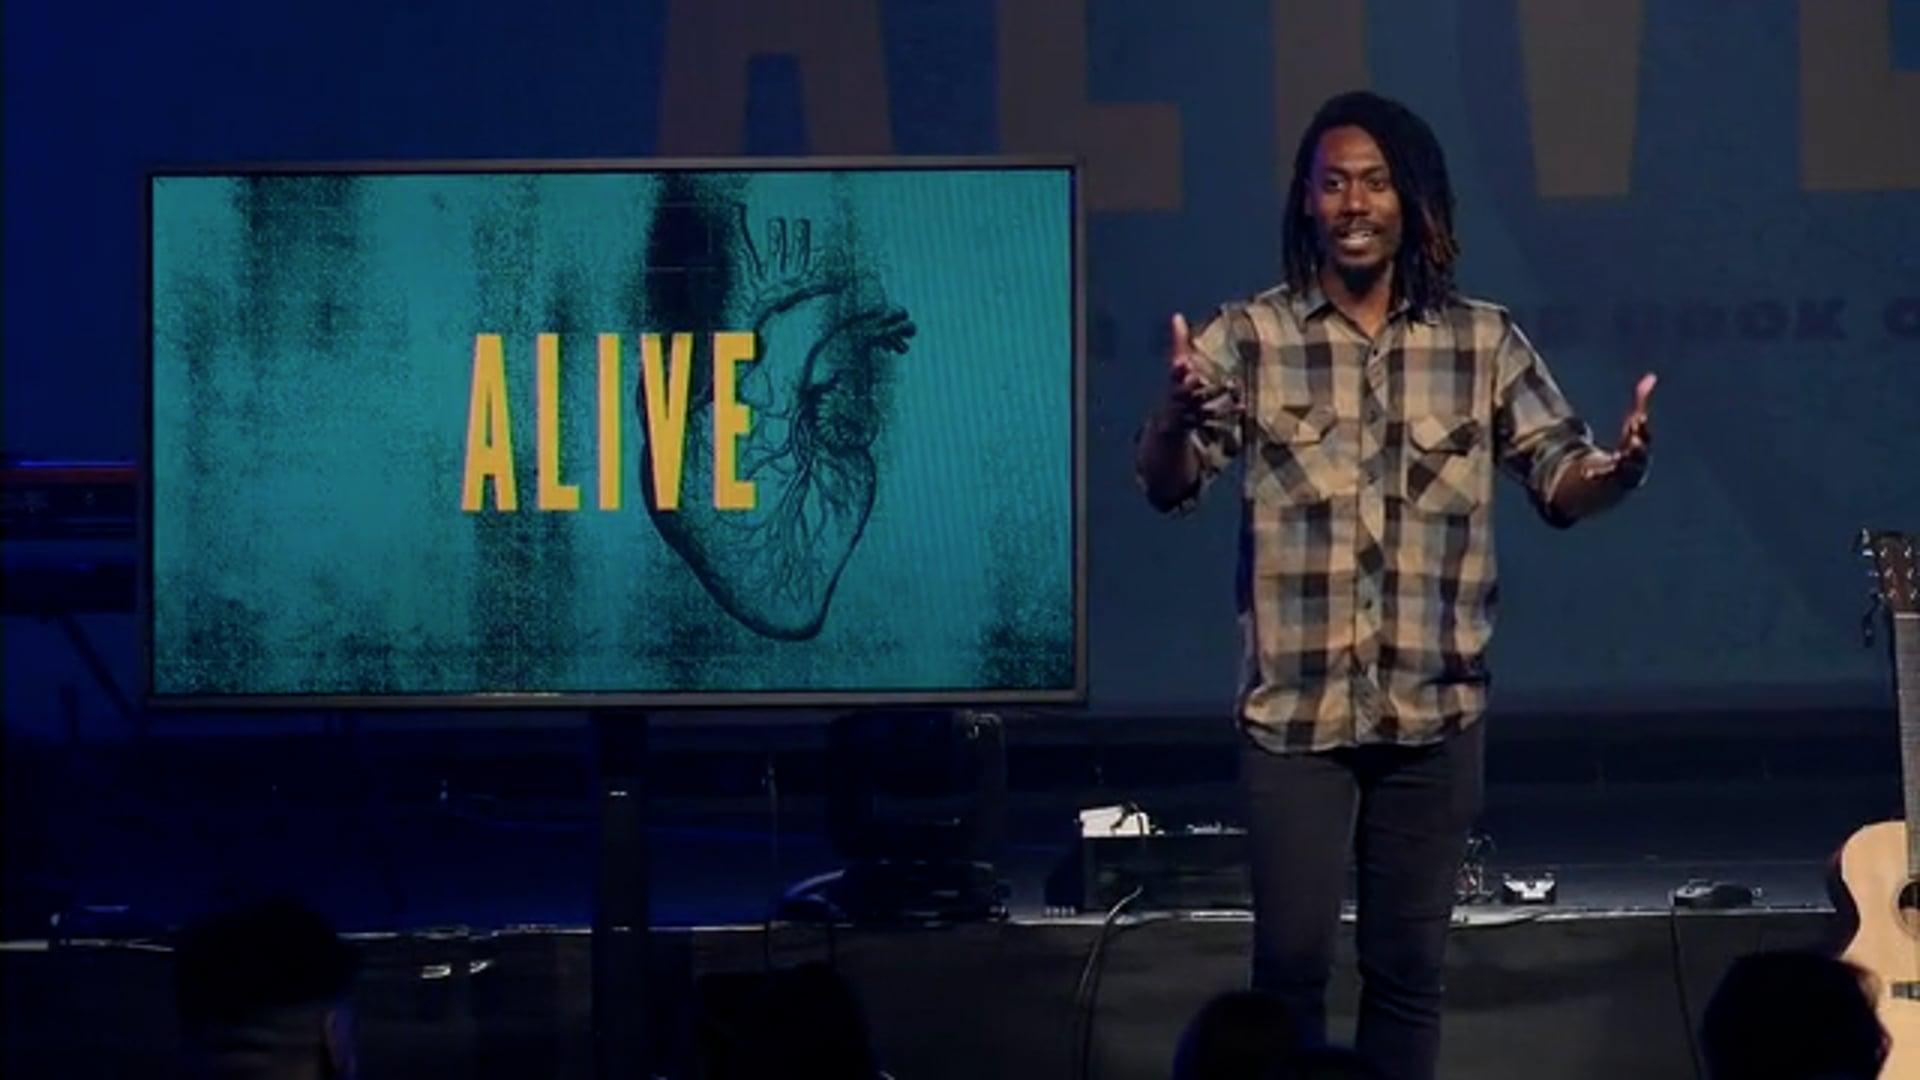 Alive - Week 4